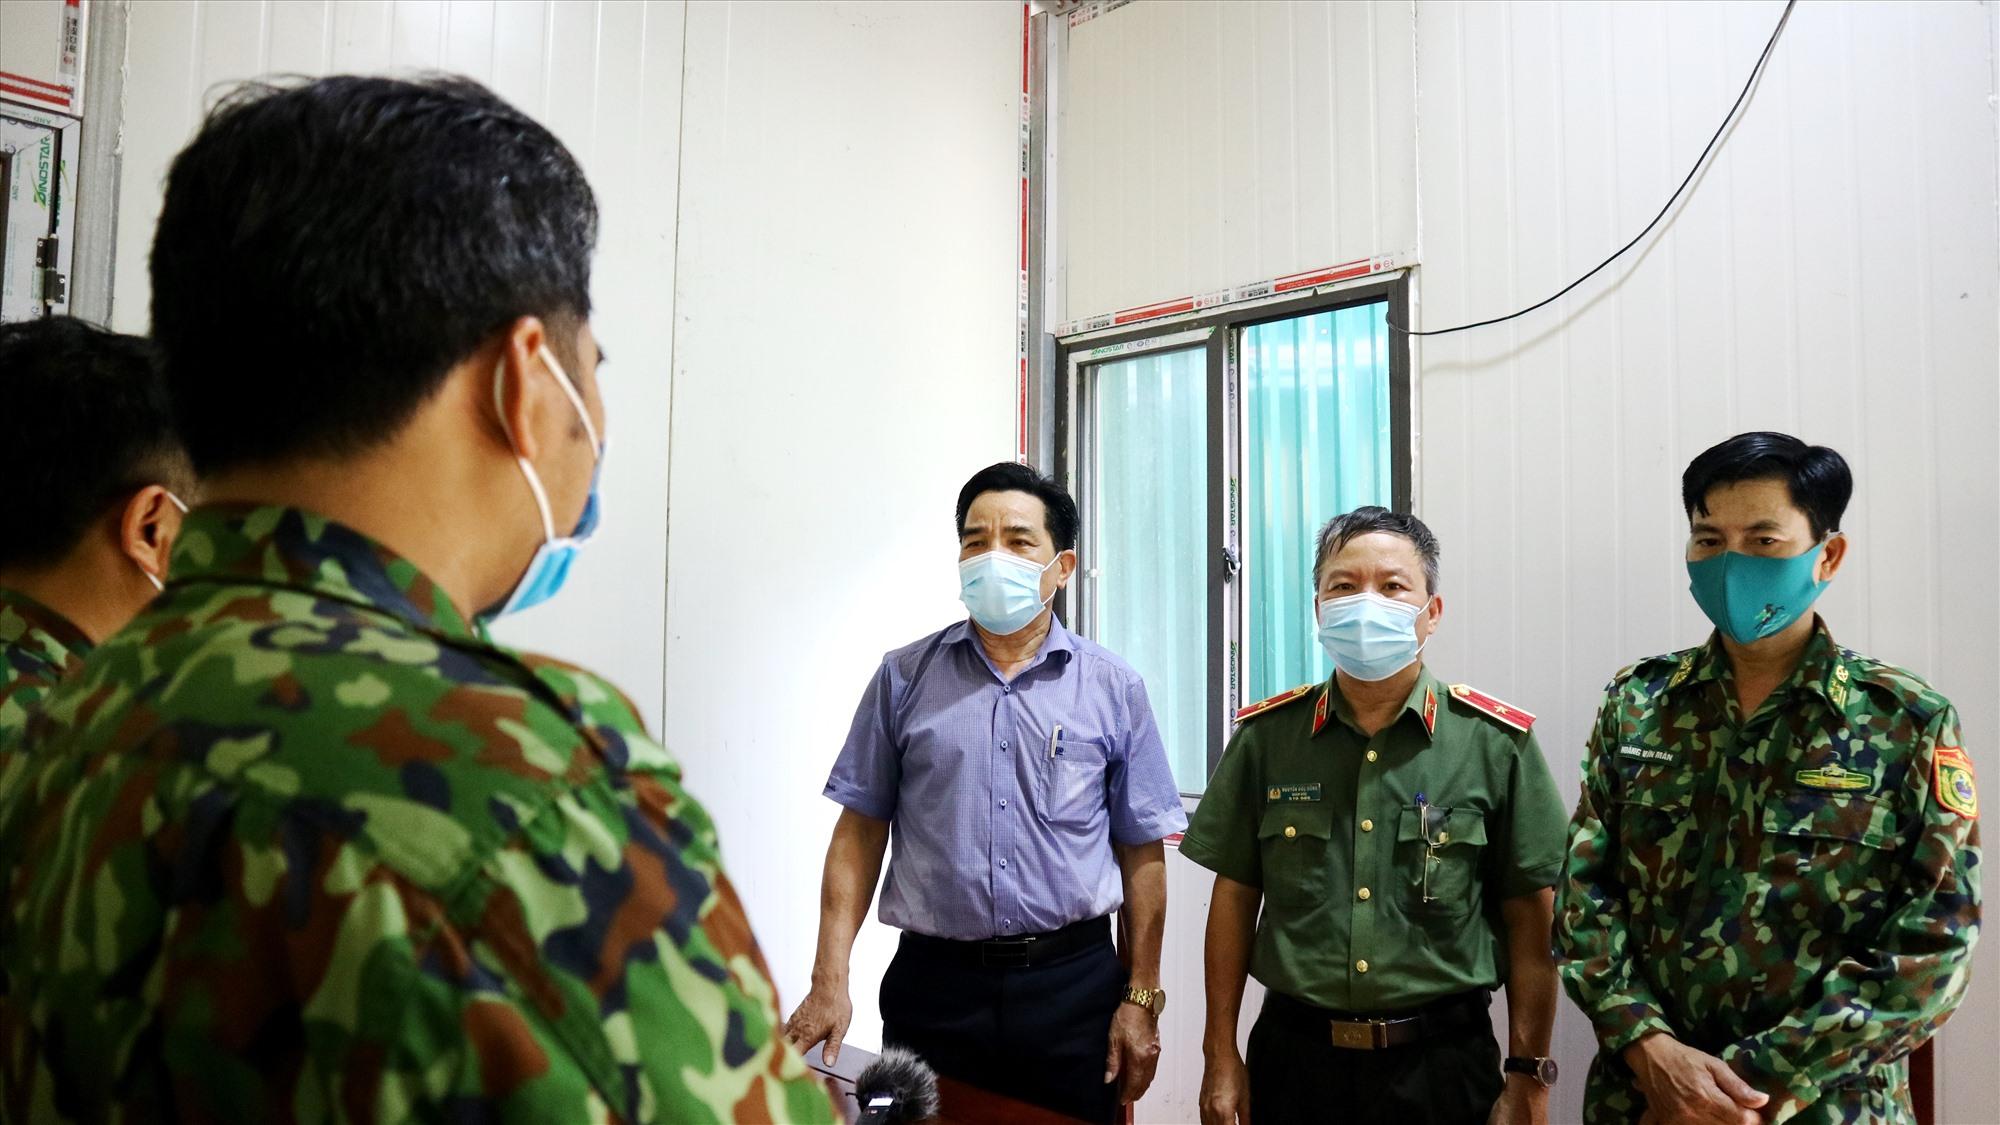 Đồng chí Lê Văn Dũng chia sẻ và động viên cán bộ chiến sĩ tại kiểm soát biên giới làm tốt nhiệm vụ được giao phó. Ảnh: A.N